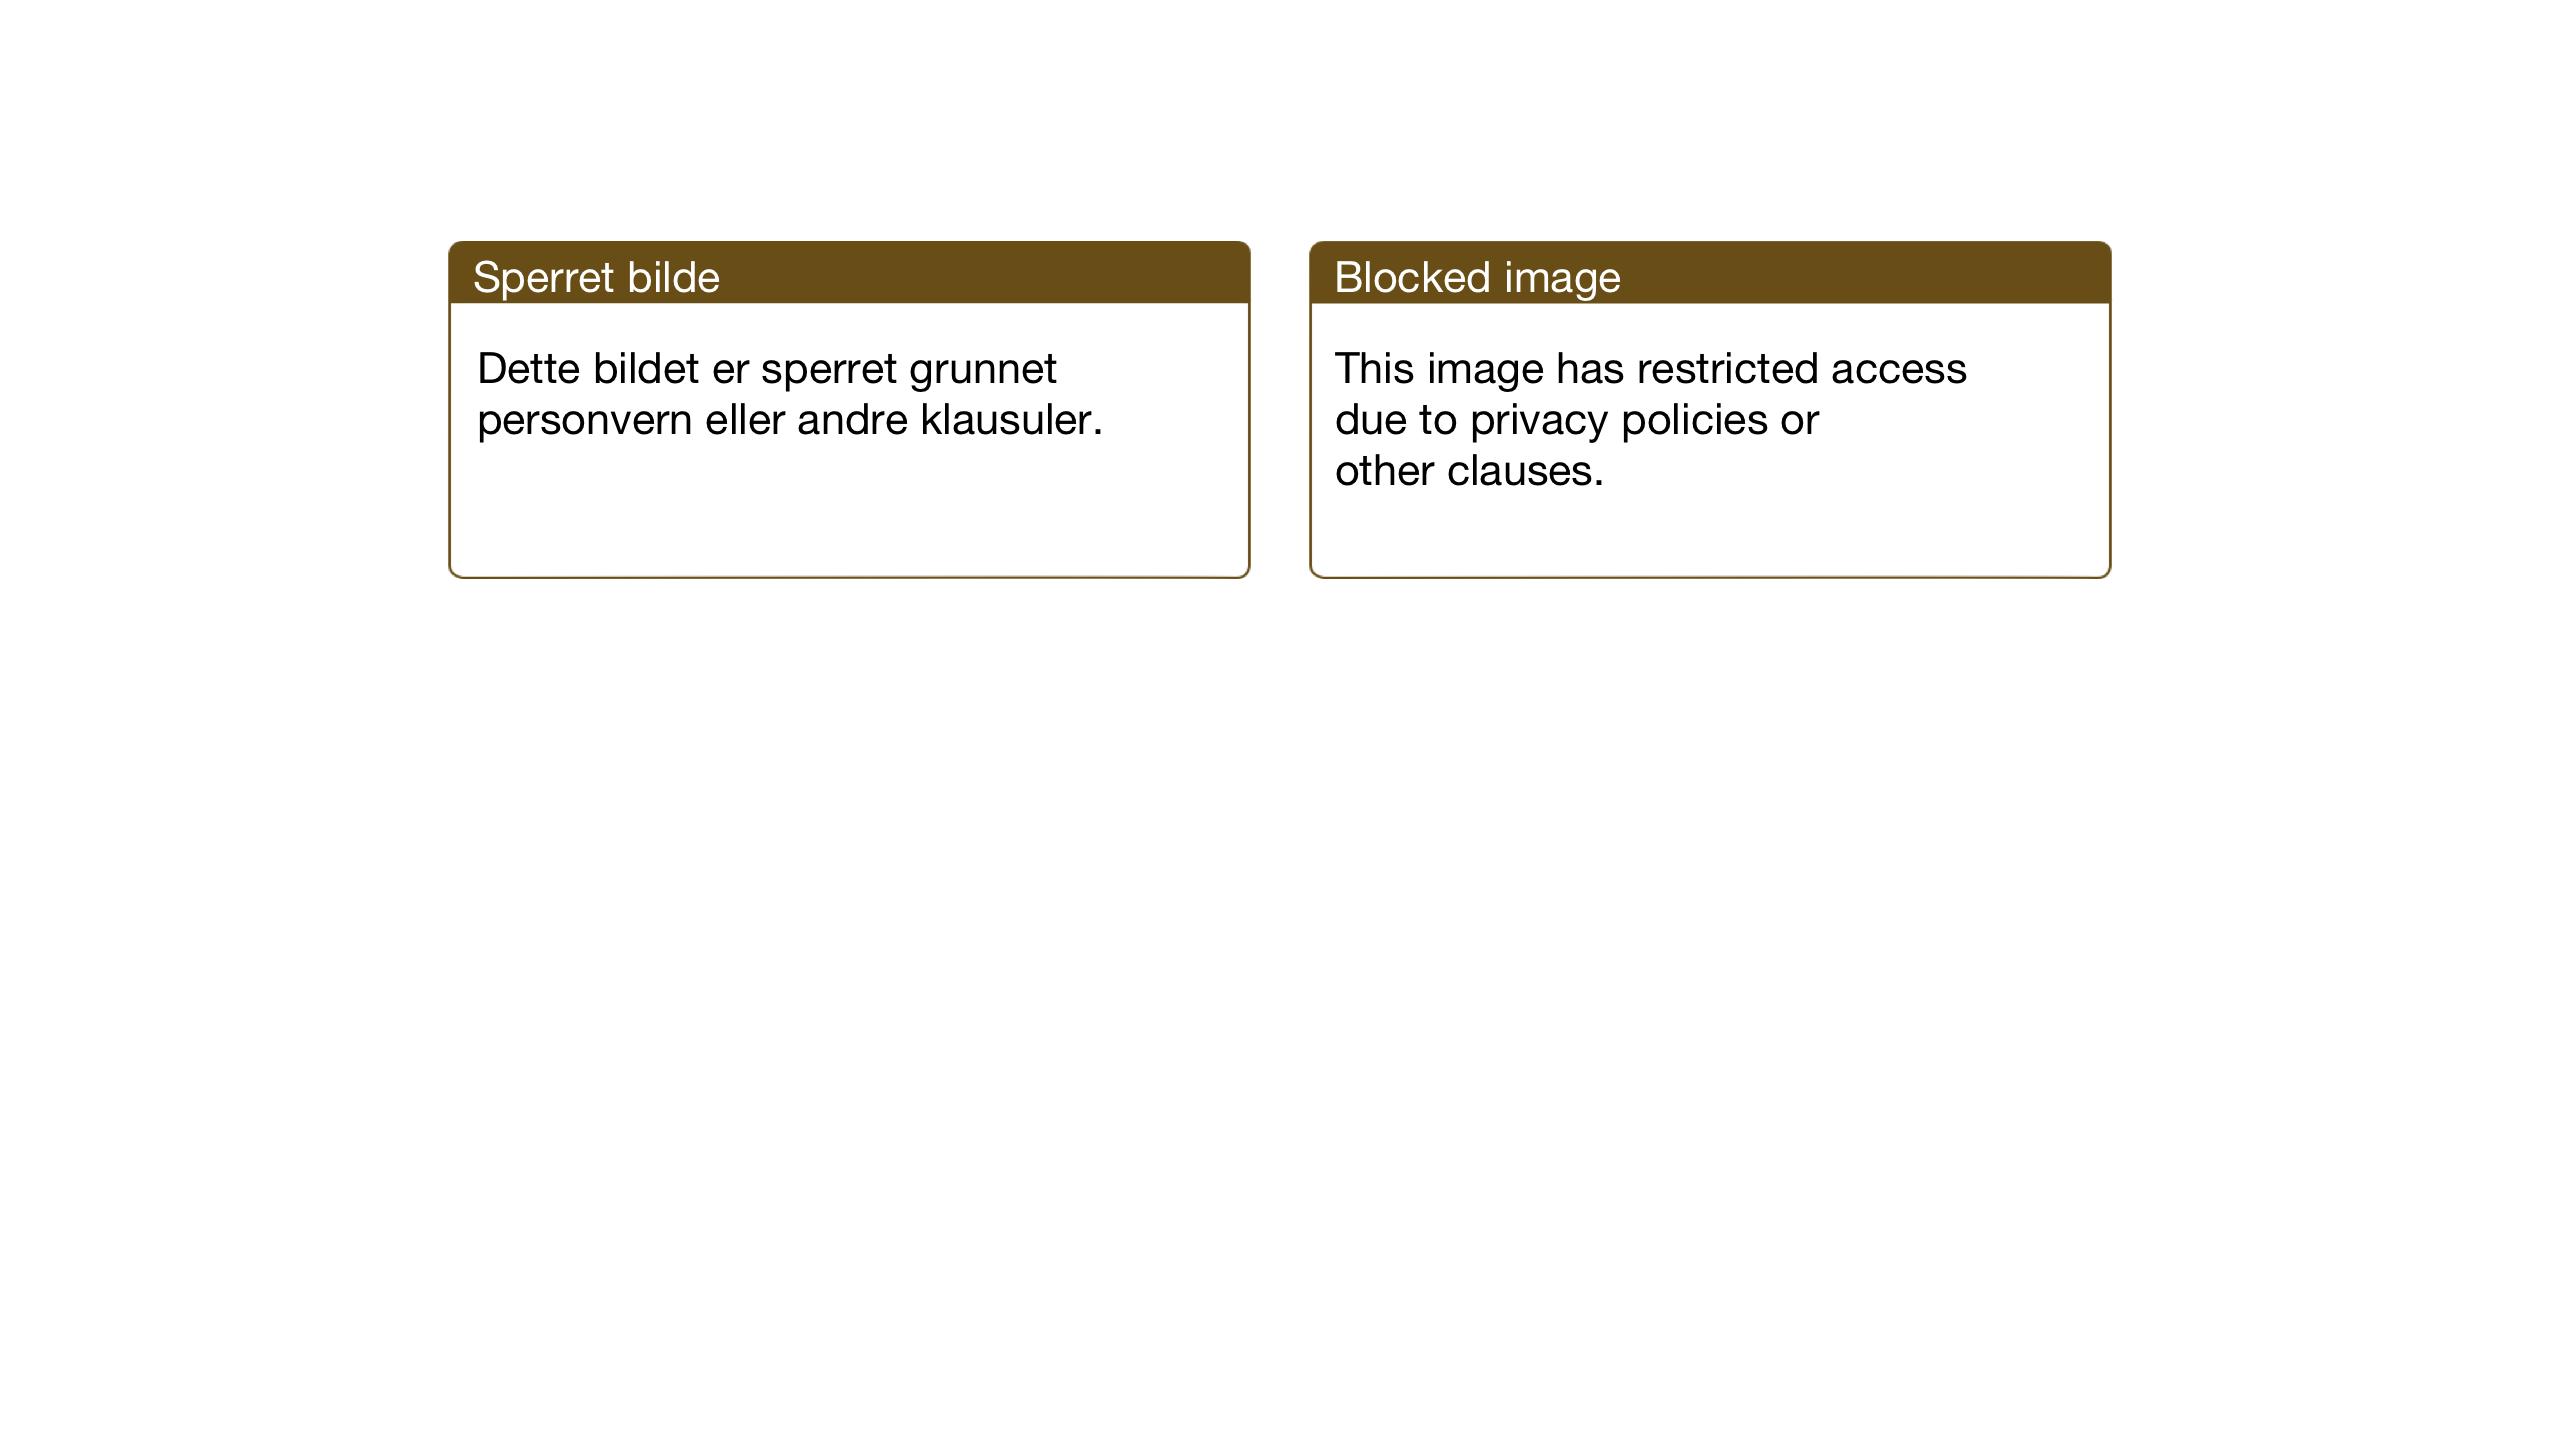 SAT, Ministerialprotokoller, klokkerbøker og fødselsregistre - Nord-Trøndelag, 733/L0328: Klokkerbok nr. 733C03, 1919-1966, s. 27